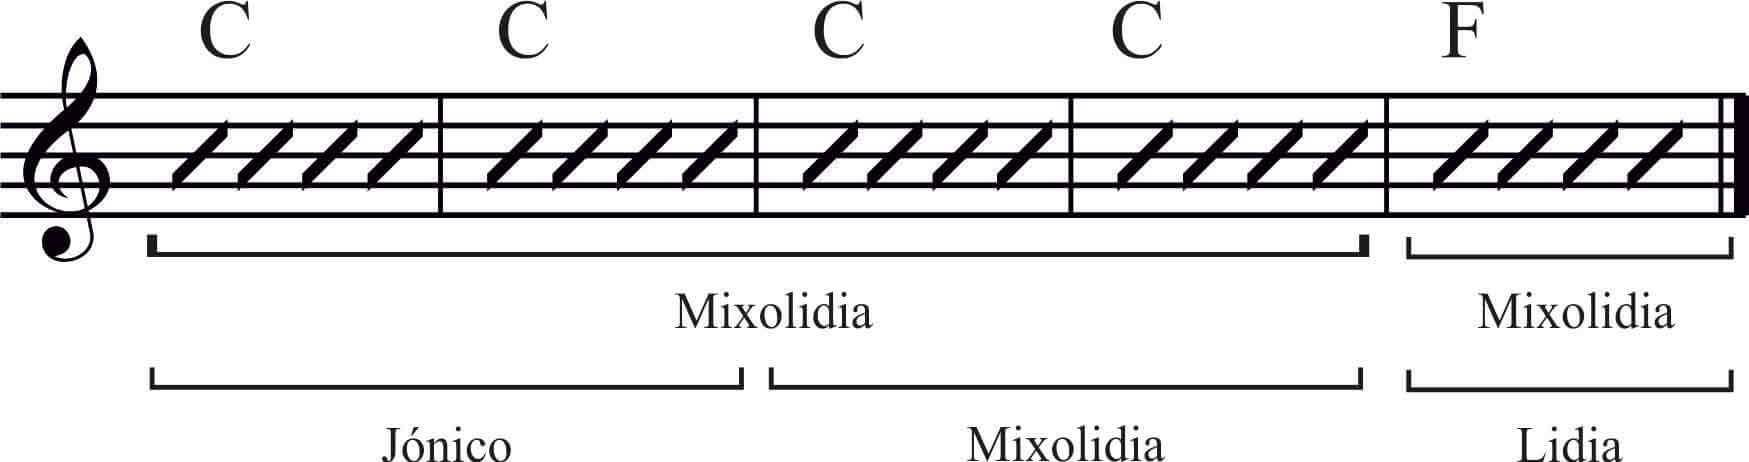 escalas Mixolidias